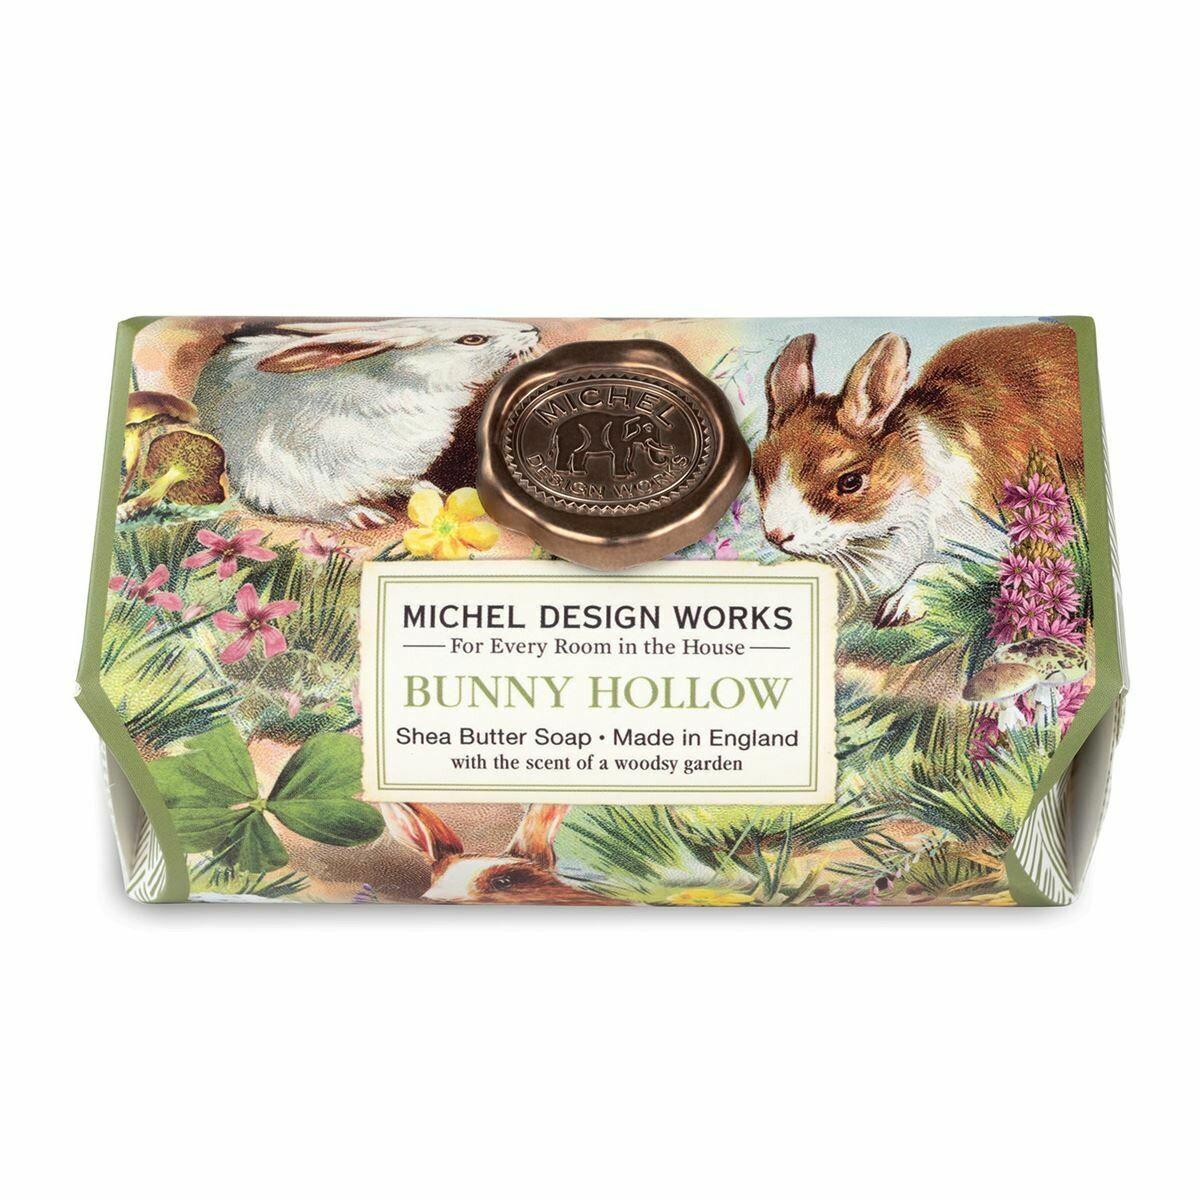 Bunny Hollow Bath Soap Bar